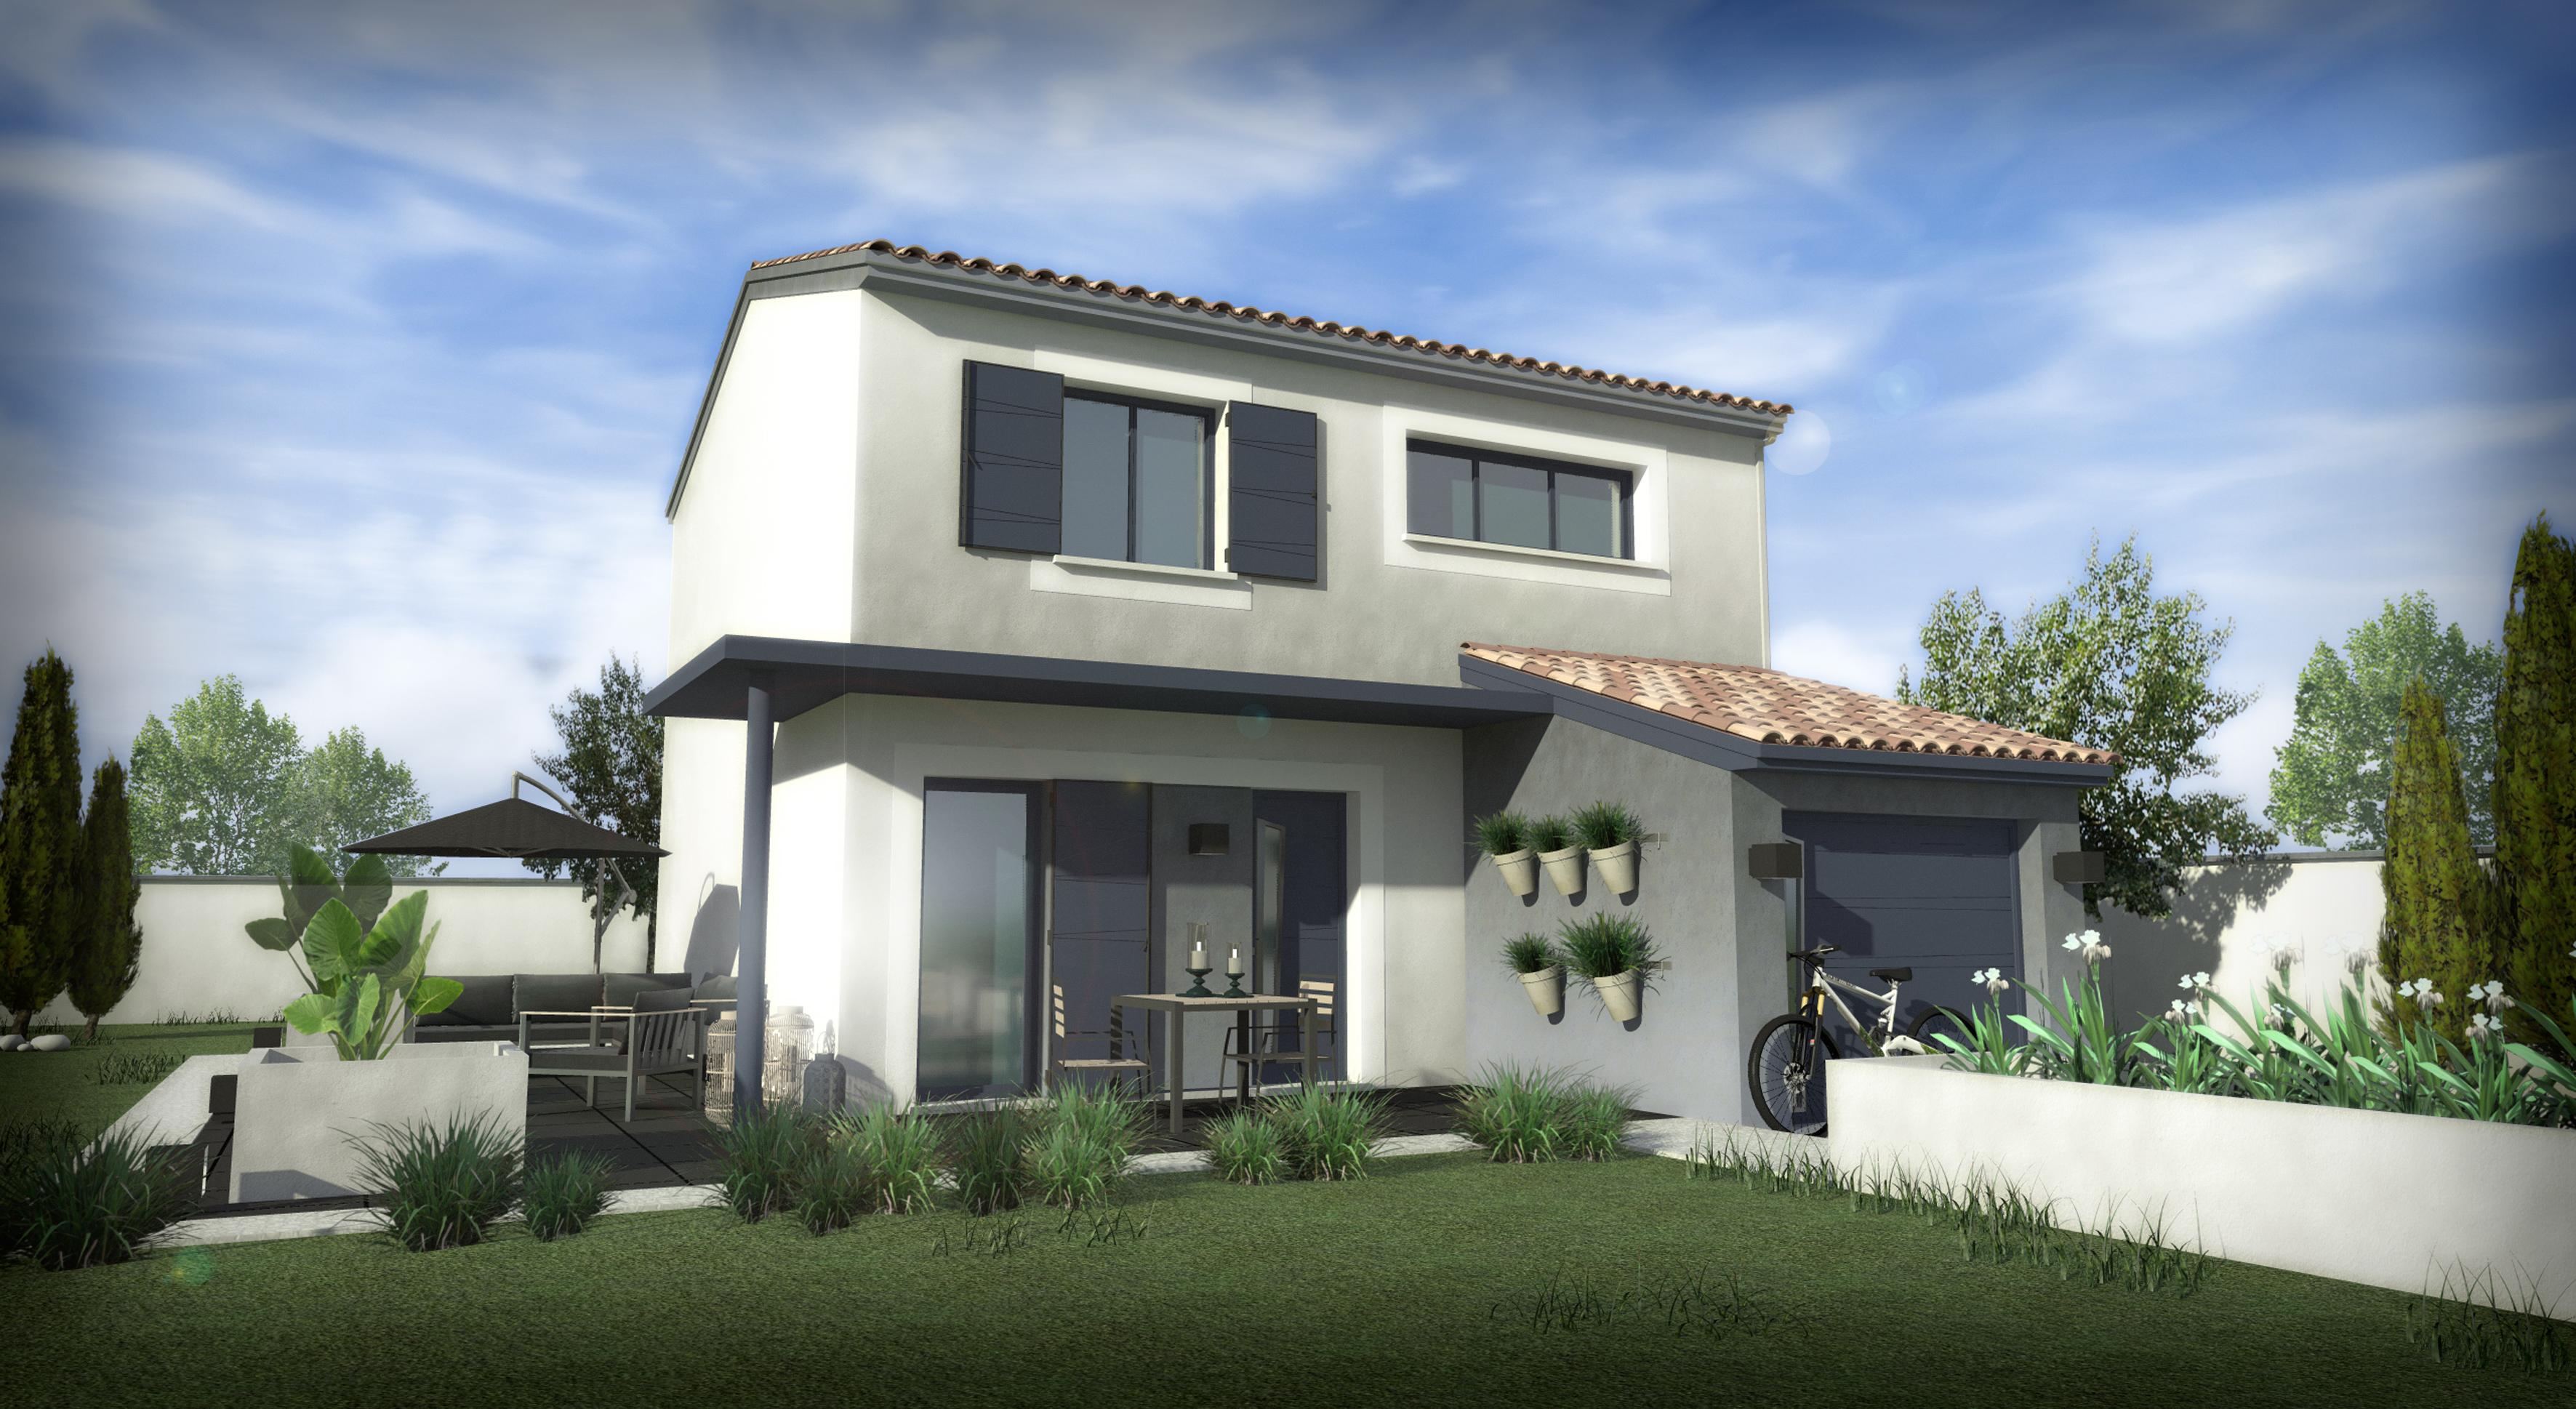 Maisons + Terrains du constructeur SM 11 • 85 m² • BESSAN